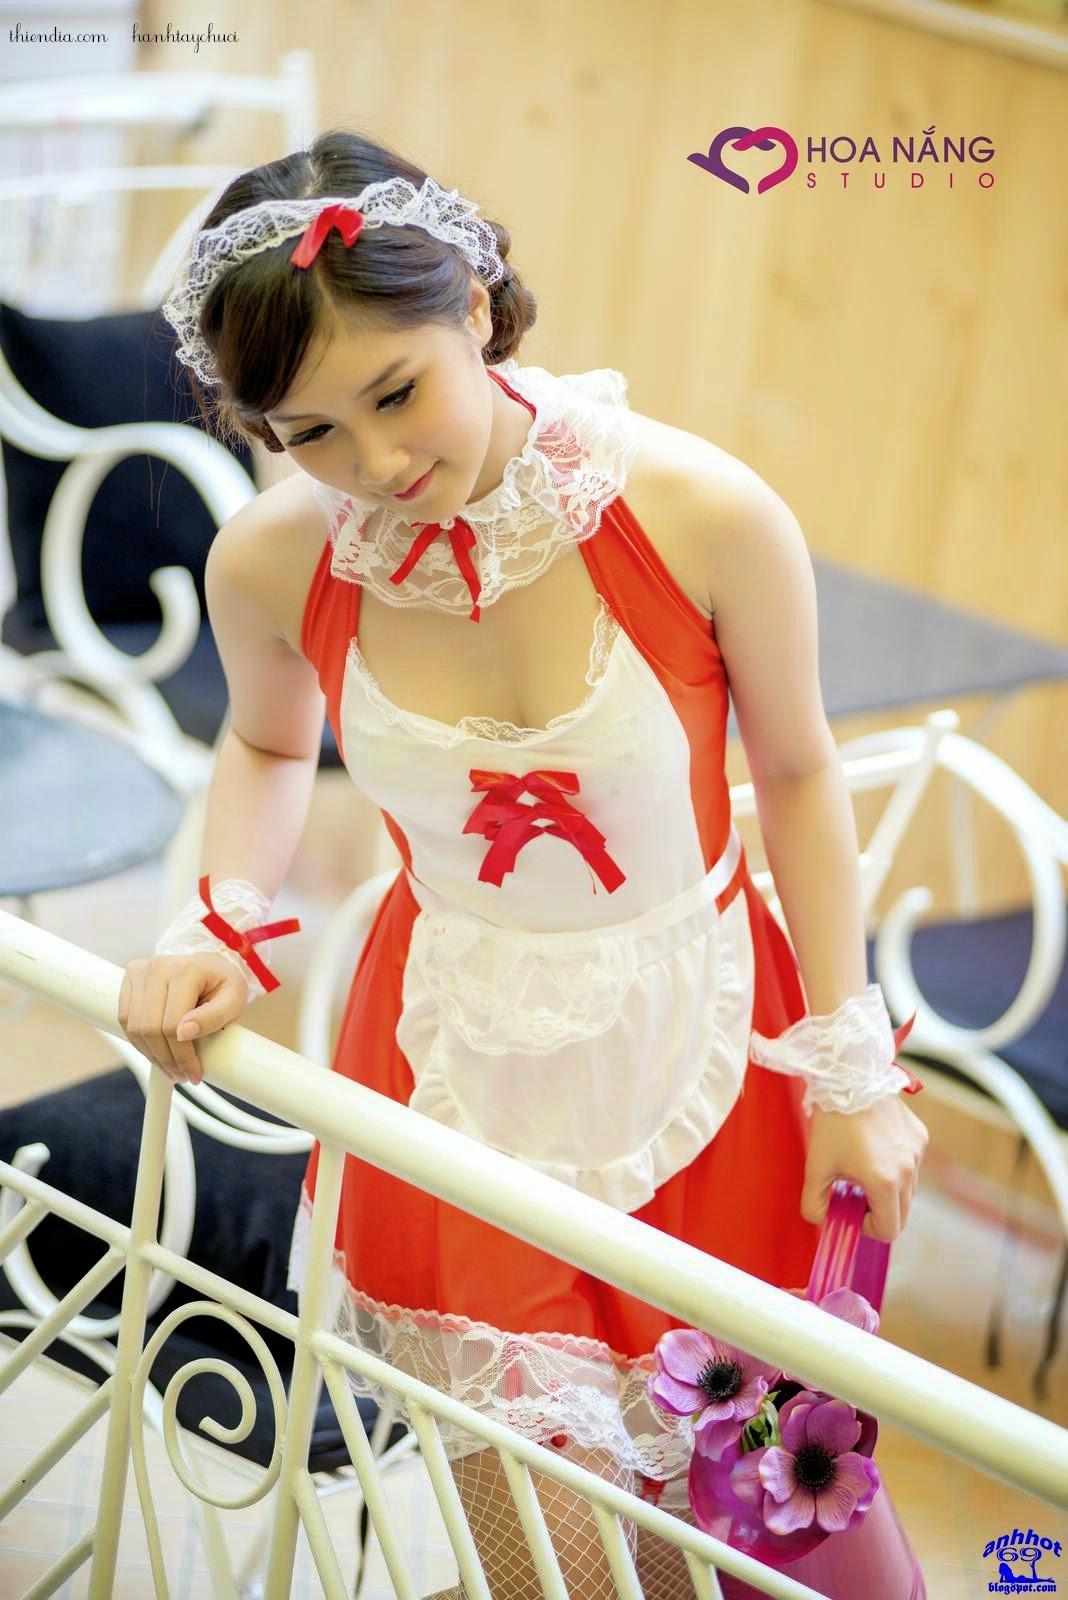 hau_ban_cute_8885544798_1cfe275539